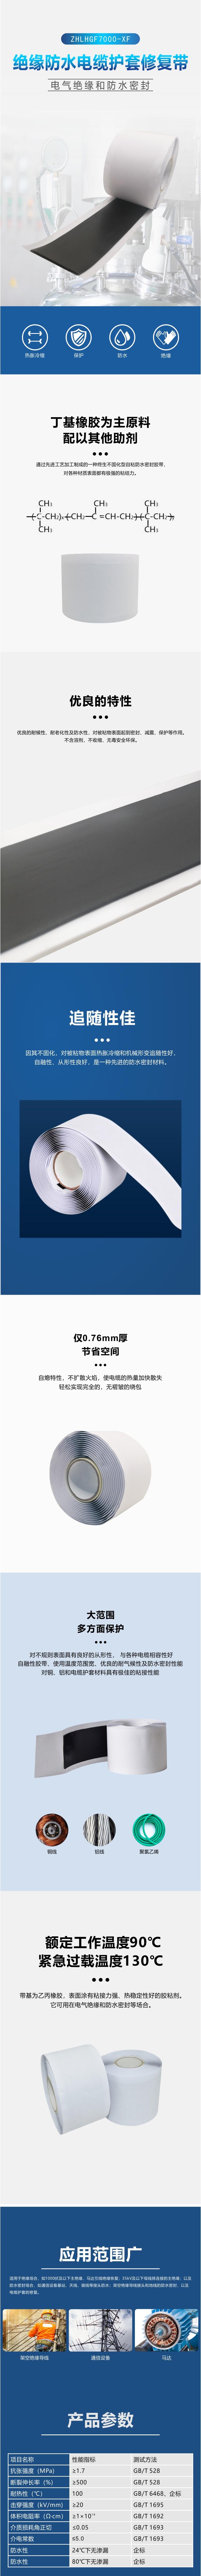 ZHLHGF7000-XF绝缘防水电缆护套修复带-1688-京东详情页